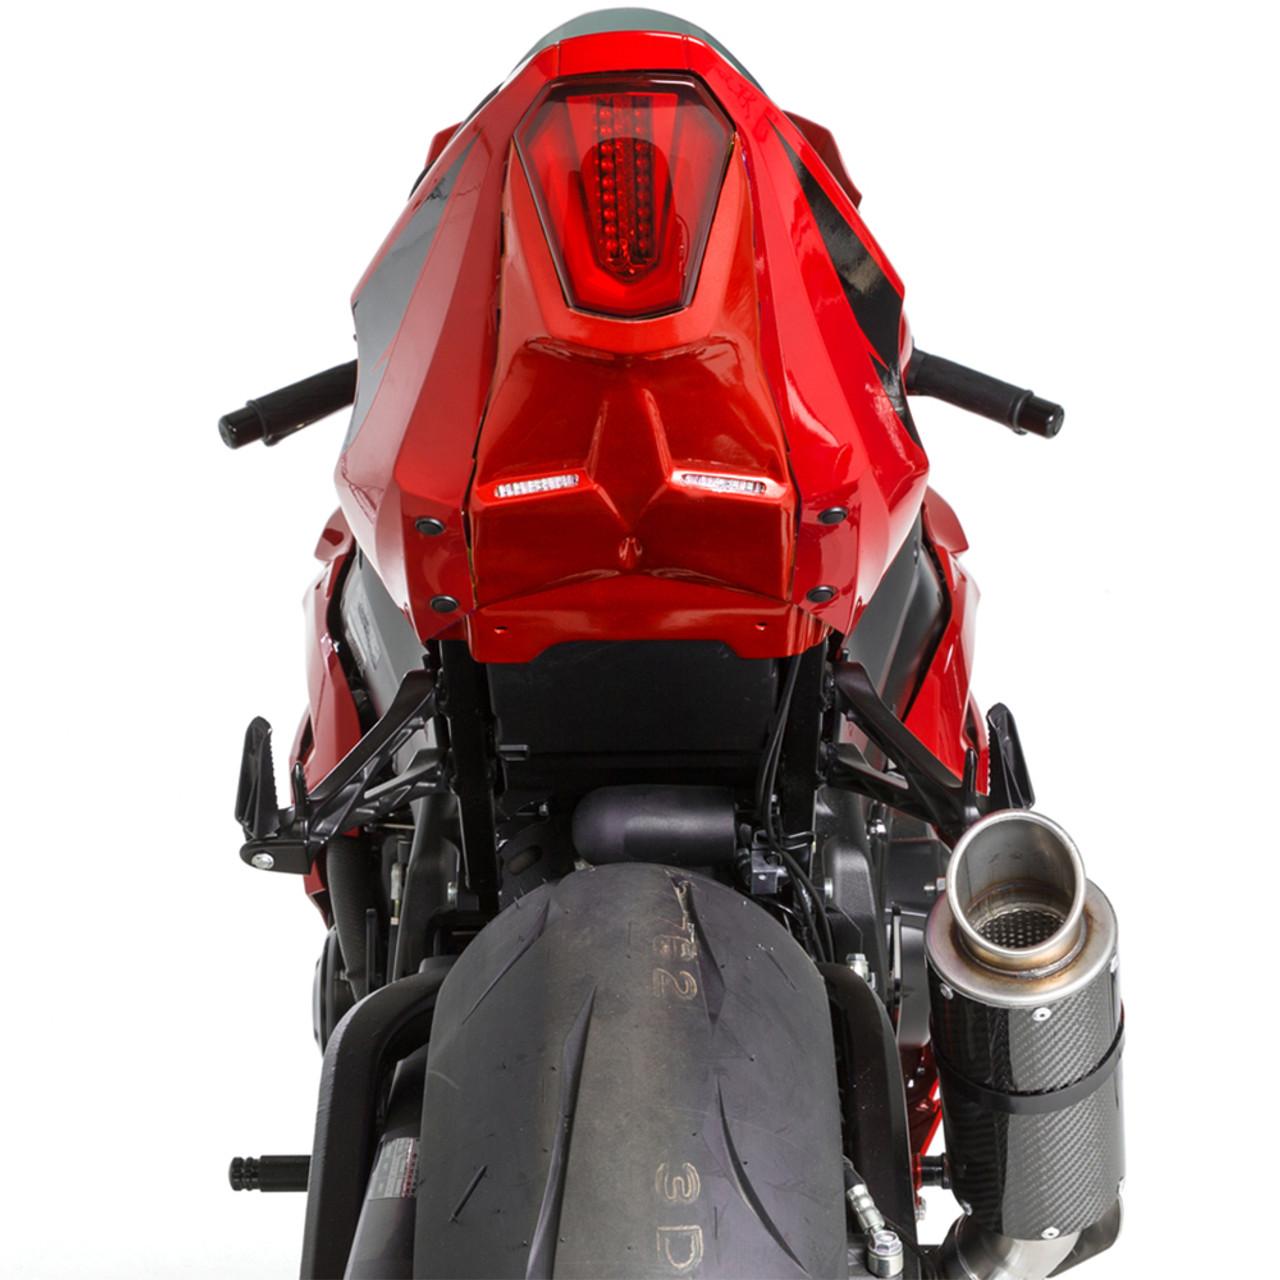 Hotbodies Racing Suzuki GSX-R1000 17-19 Undertail